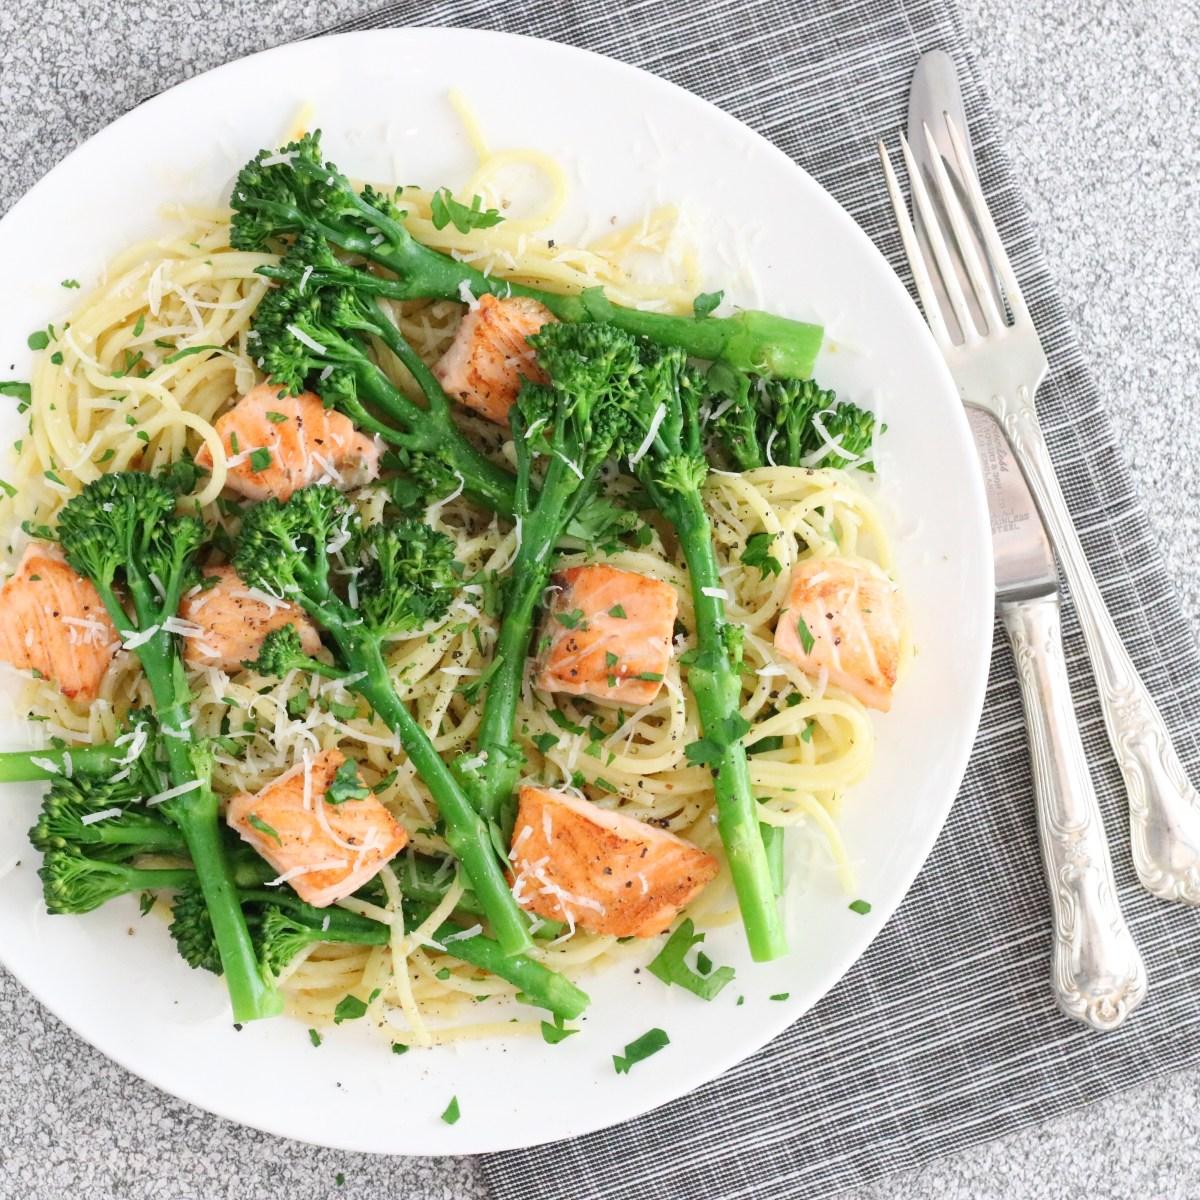 Spaghetti aglio olio met bimi en zalm